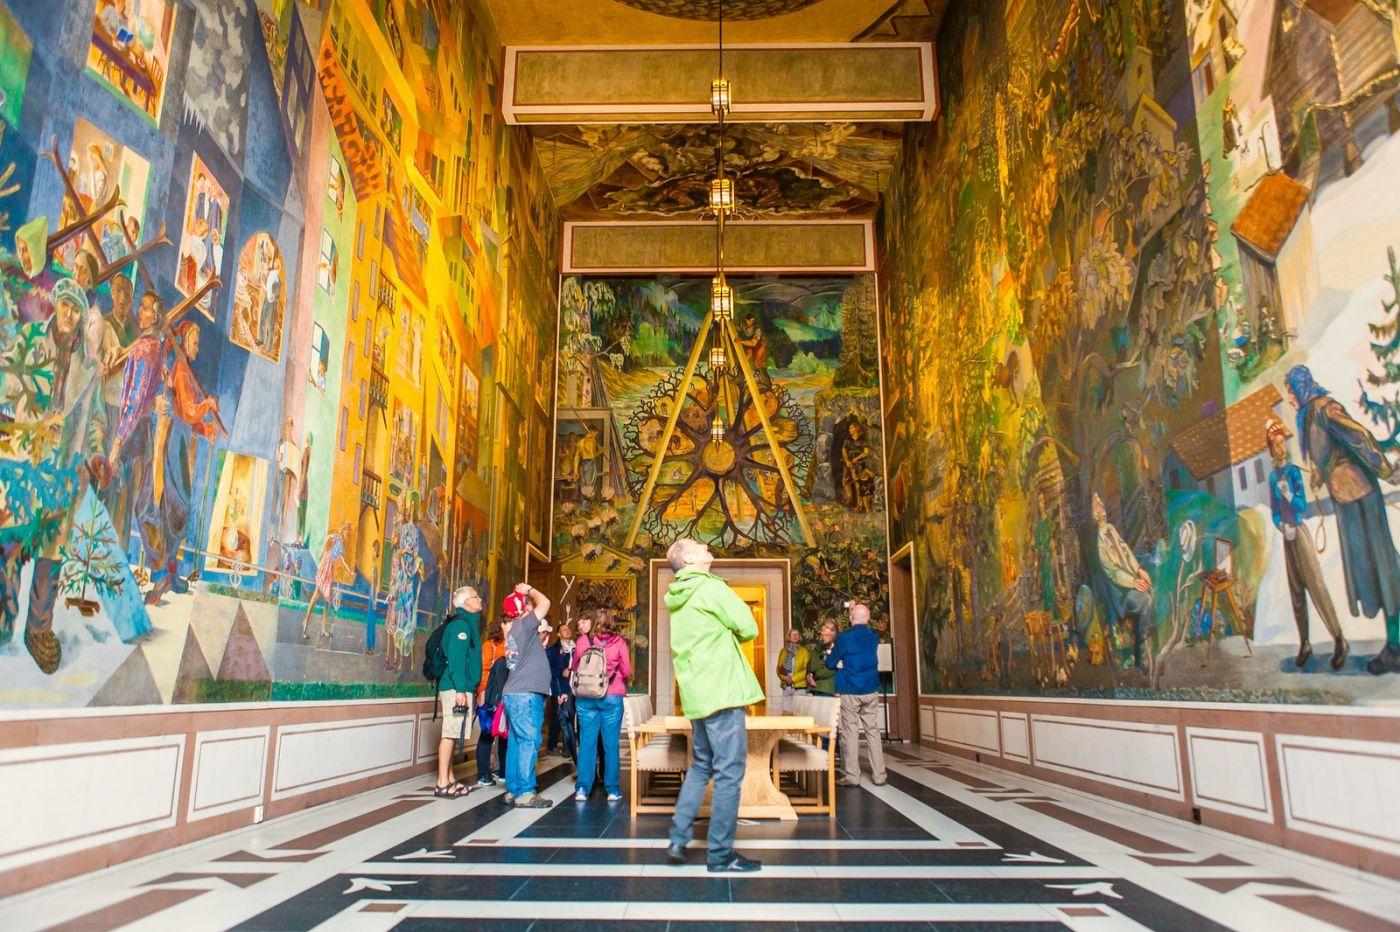 挪威奥塞罗市政厅,走进世纪建筑_图1-17